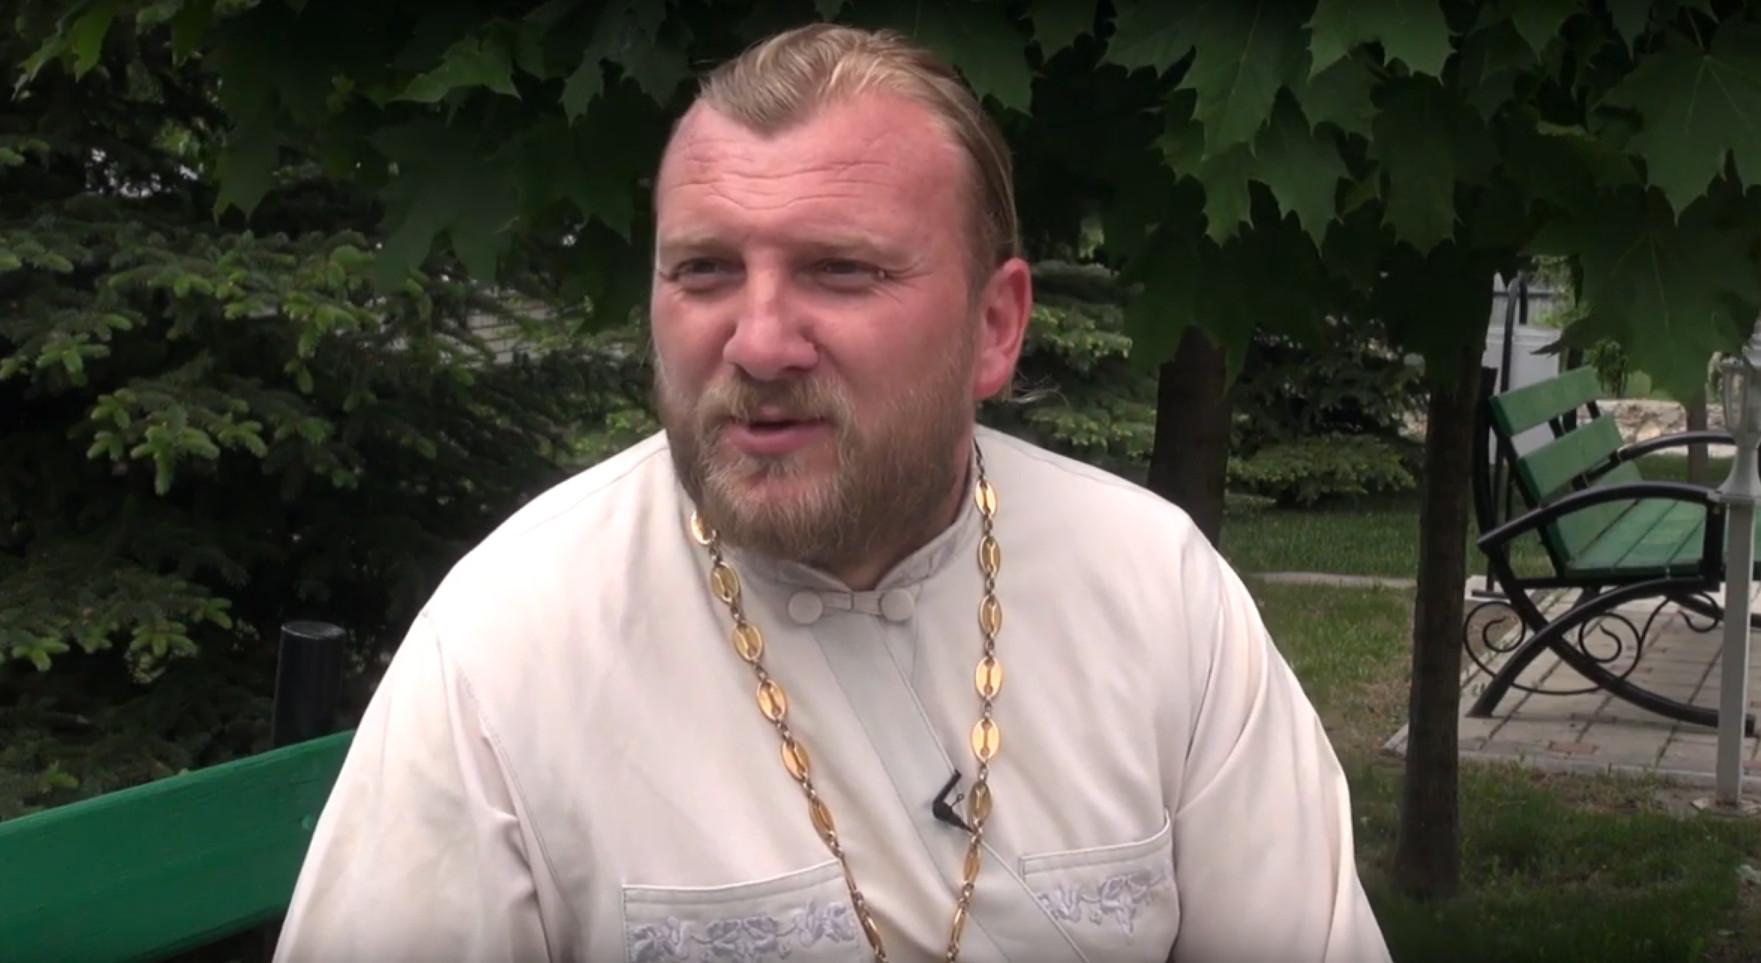 (ВИДЕО) Иерей Виталий Дерели: Священник должен уметь и топор в руках держать и гвоздь забивать